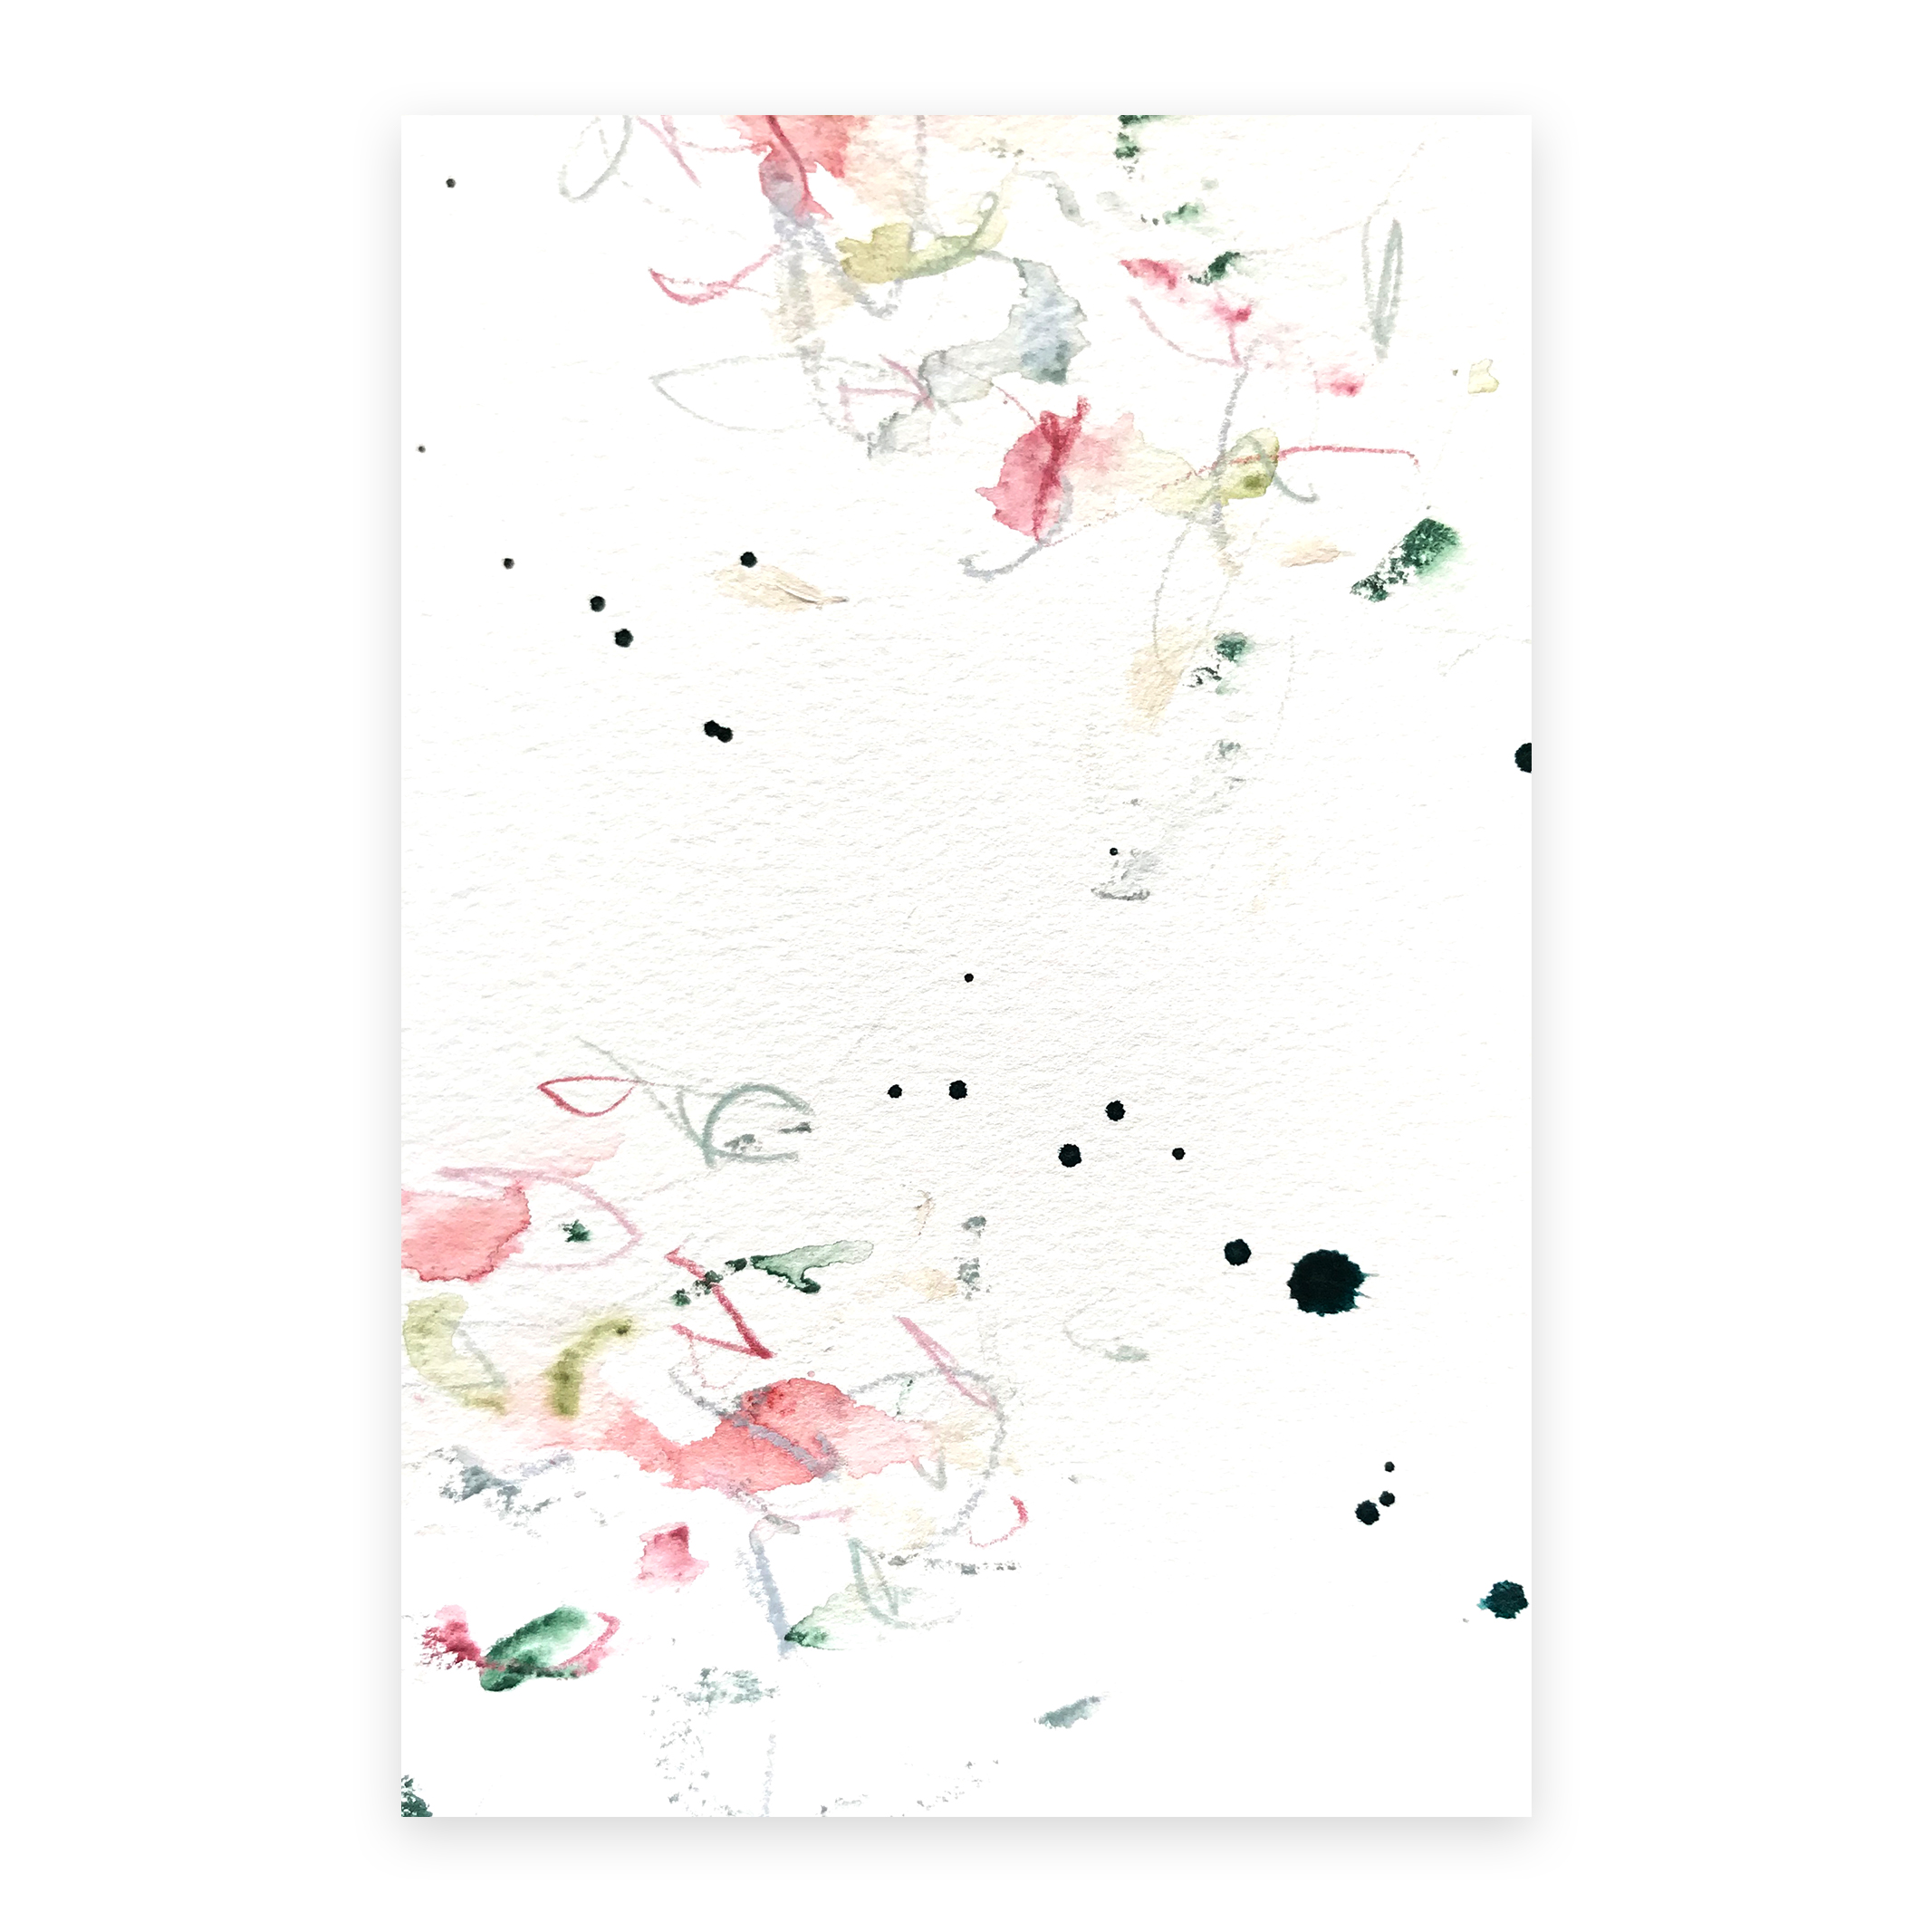 dd_nov22181  Mixed media on paper 14.8×10cm